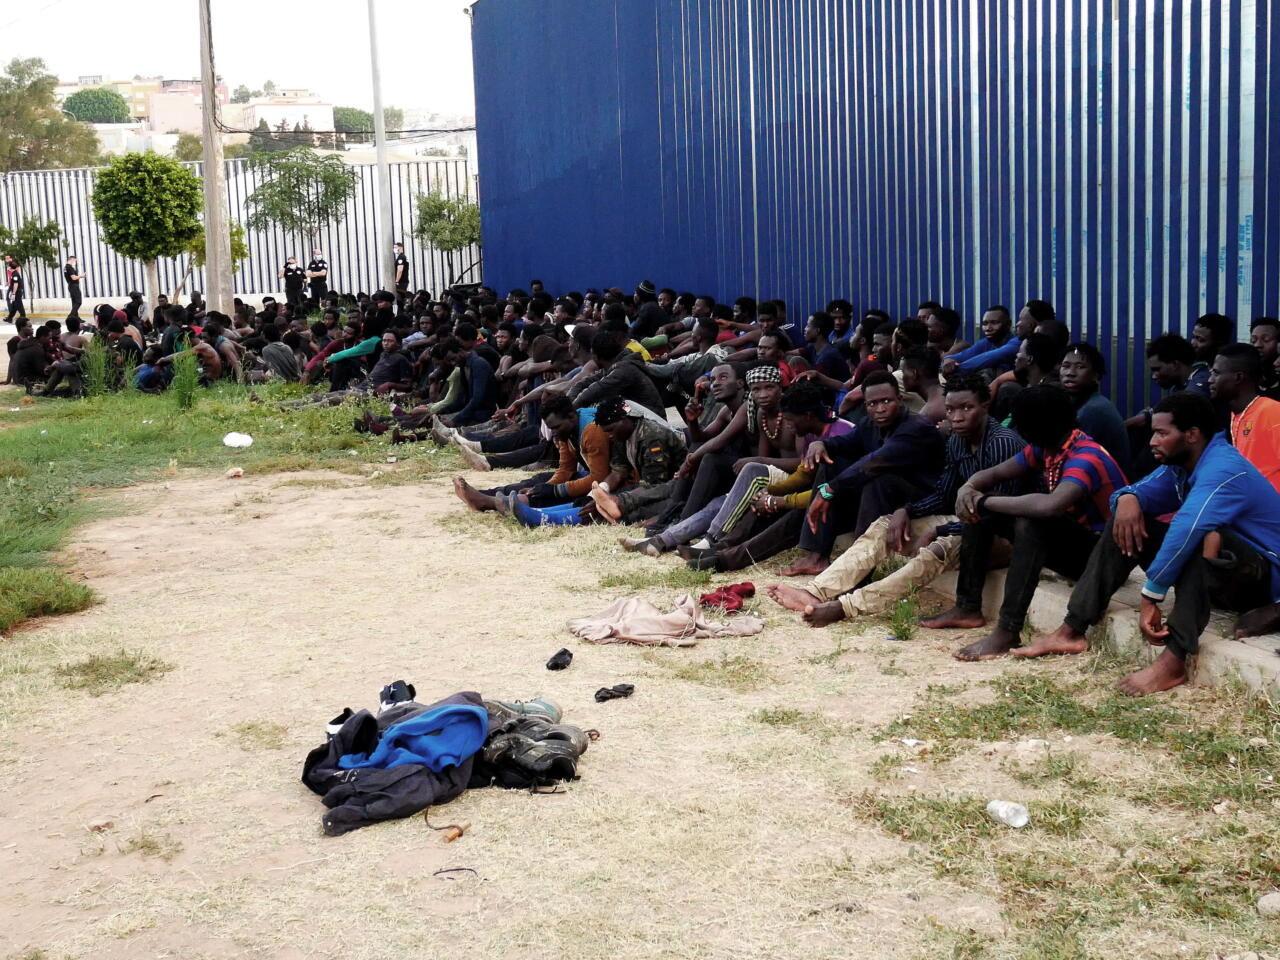 Agressiivne migratsioon: Hispaania Melilla enklaavi tungis 238 migranti, kõik mehed